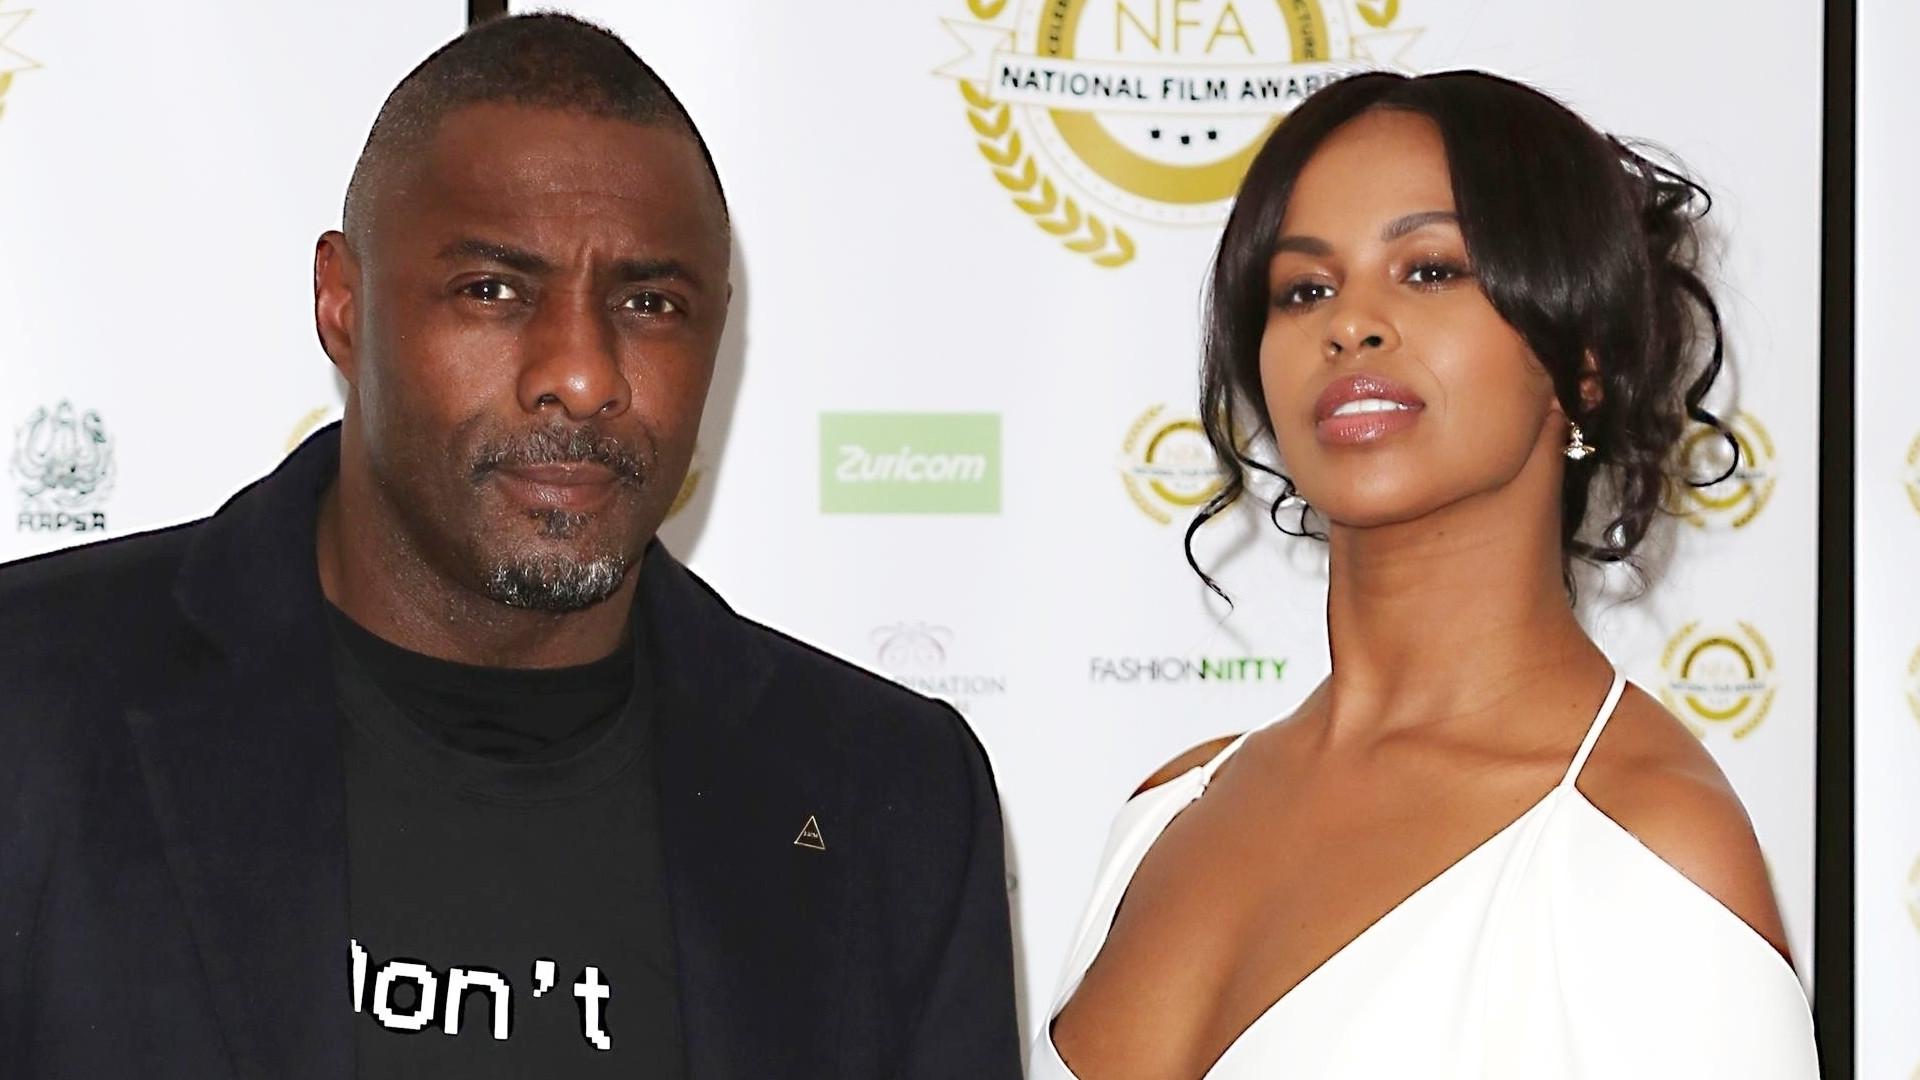 Idris Elba ożenił się – panna młoda, Sabrina Dhowre, miała na sobie prostą suknię od Very Wang